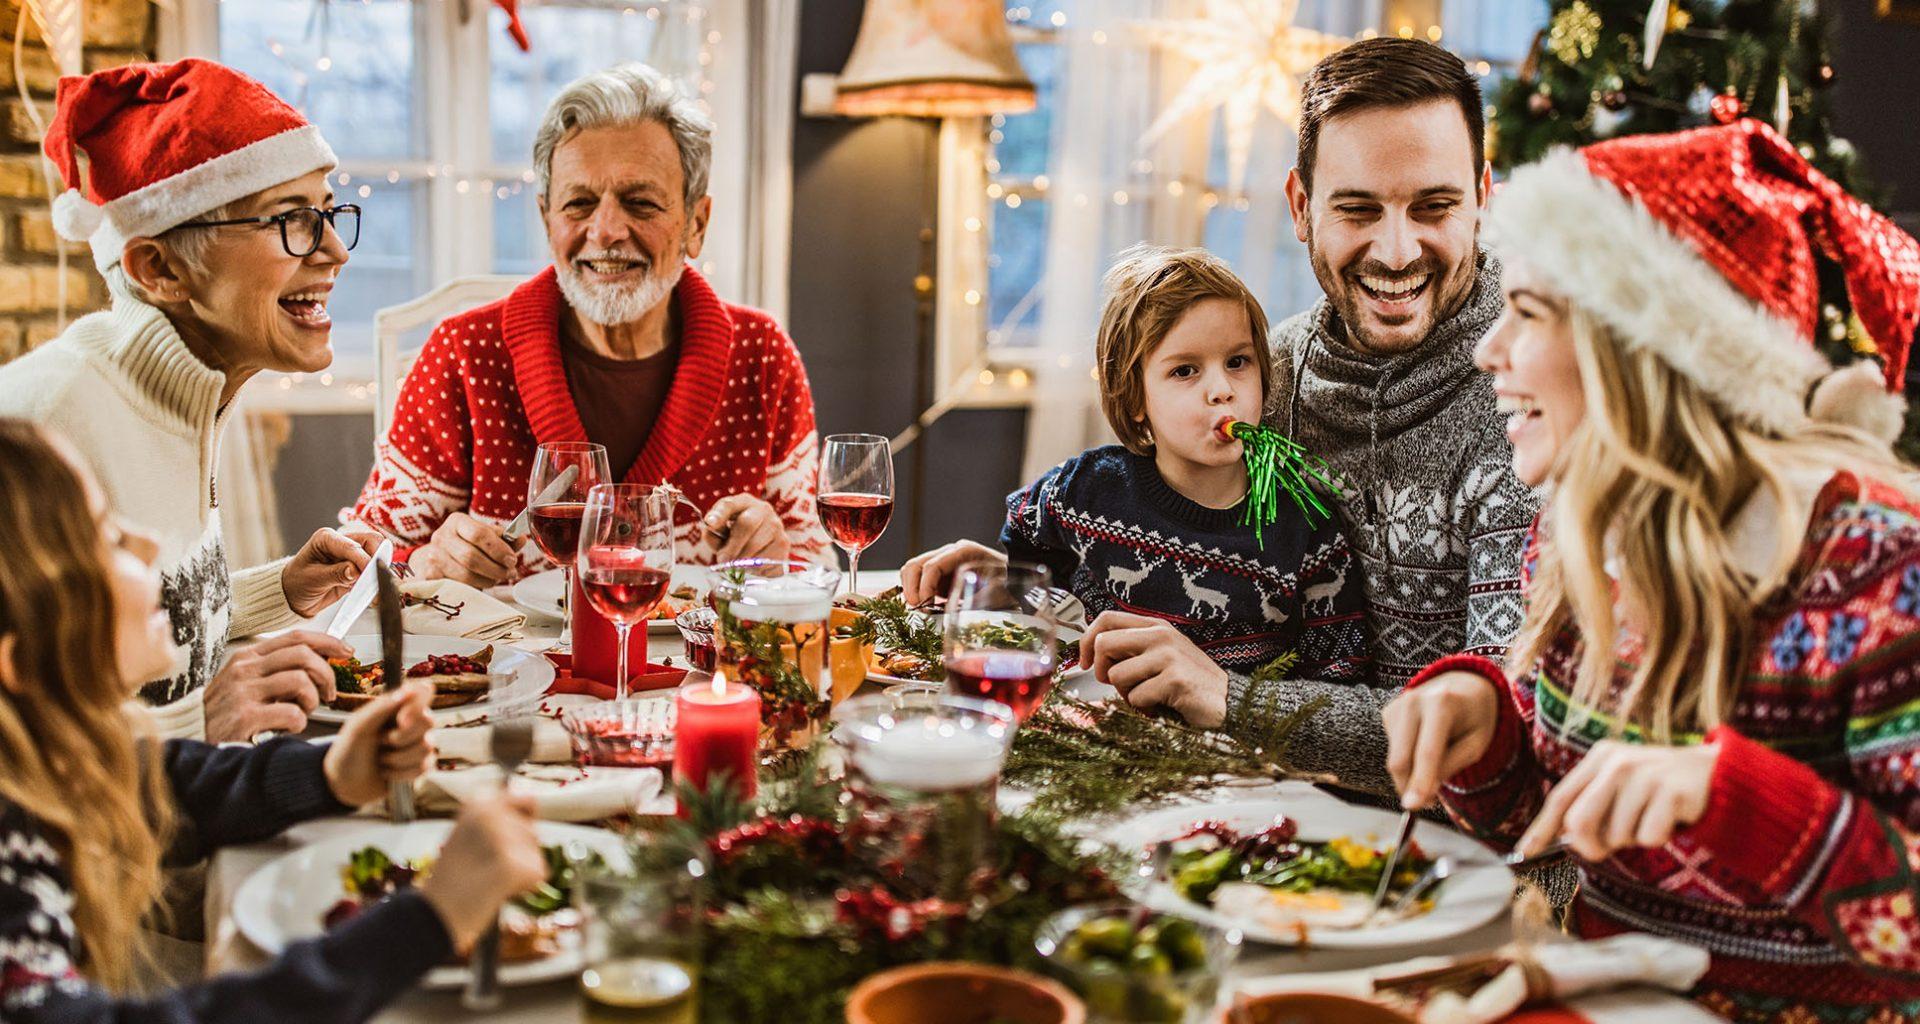 Weihnachten ohne Familie? Auf keinen Fall